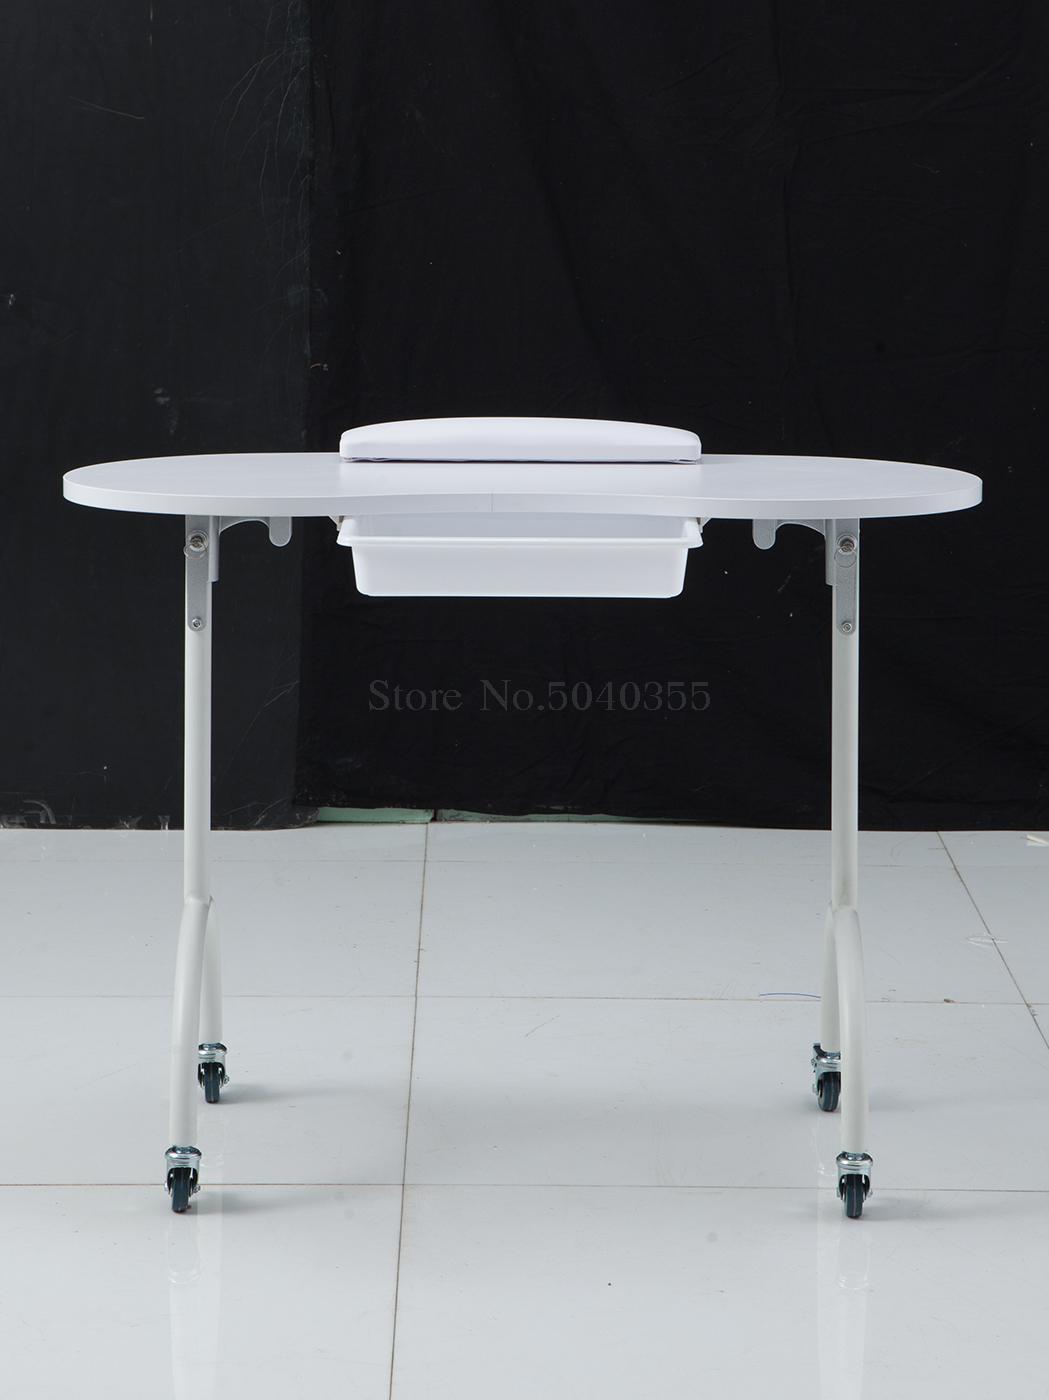 Гвоздь верстак одиночный Маникюрный Стол маникюрный магазин складной простой белый Маникюр верстак столик для ногтей